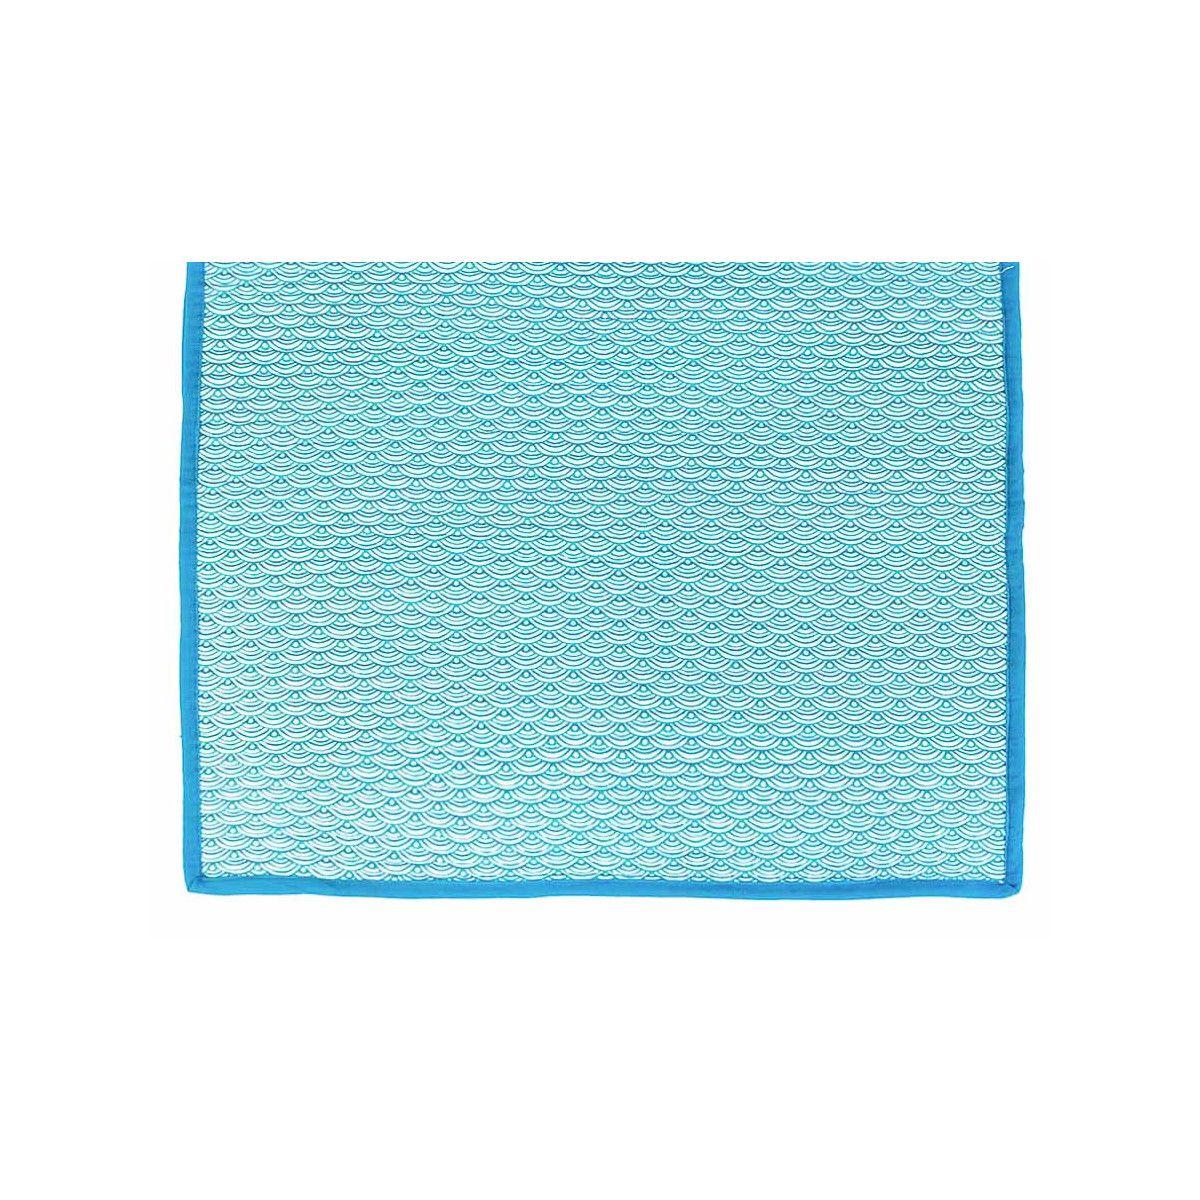 Tapis décoration intérieure coton nami bleu canard